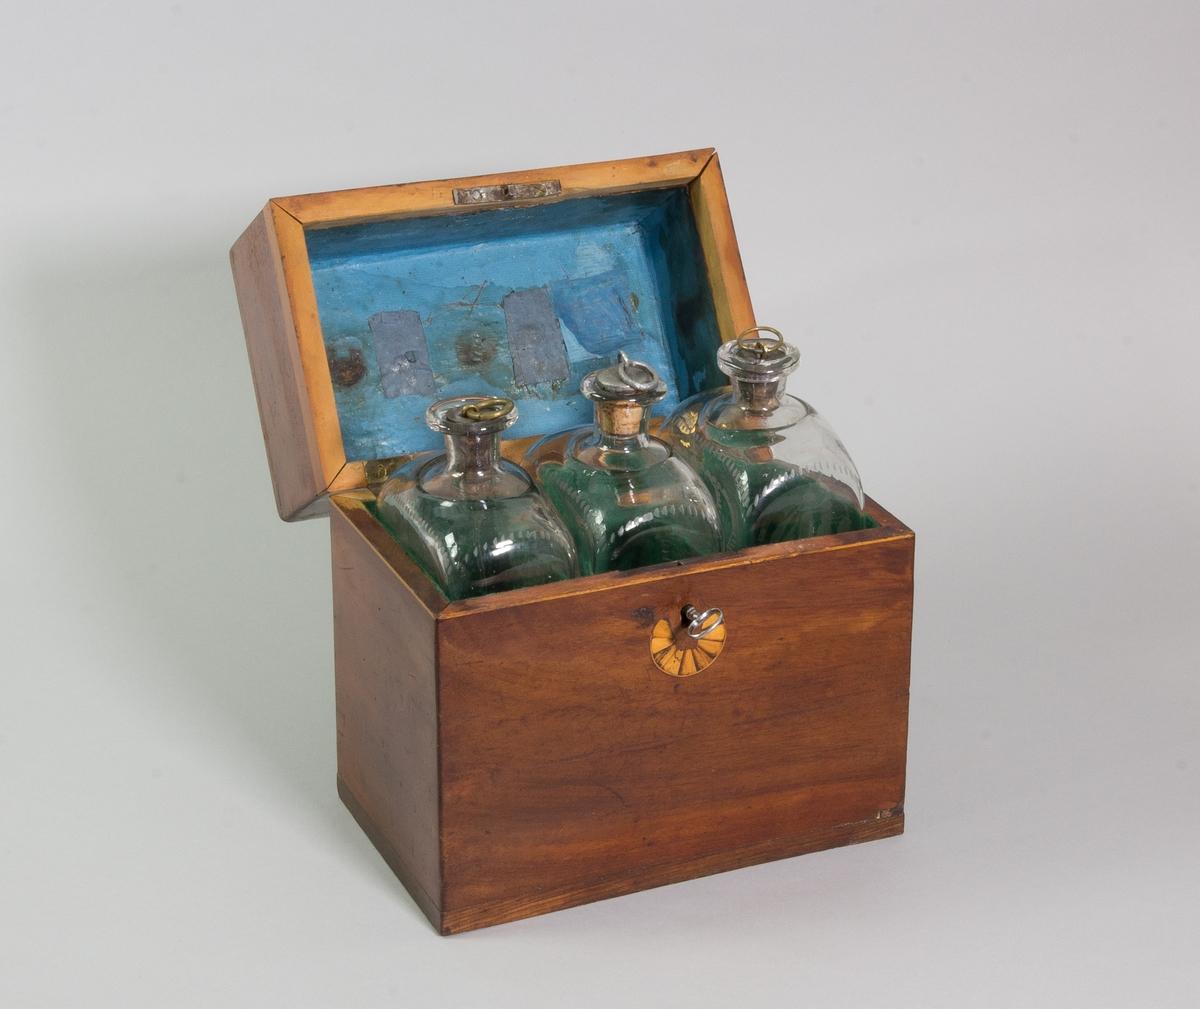 Flaskschatull av mahogny innehållandes tre brännvinsflaskor av klart ofärgat glas med graverad dekor.